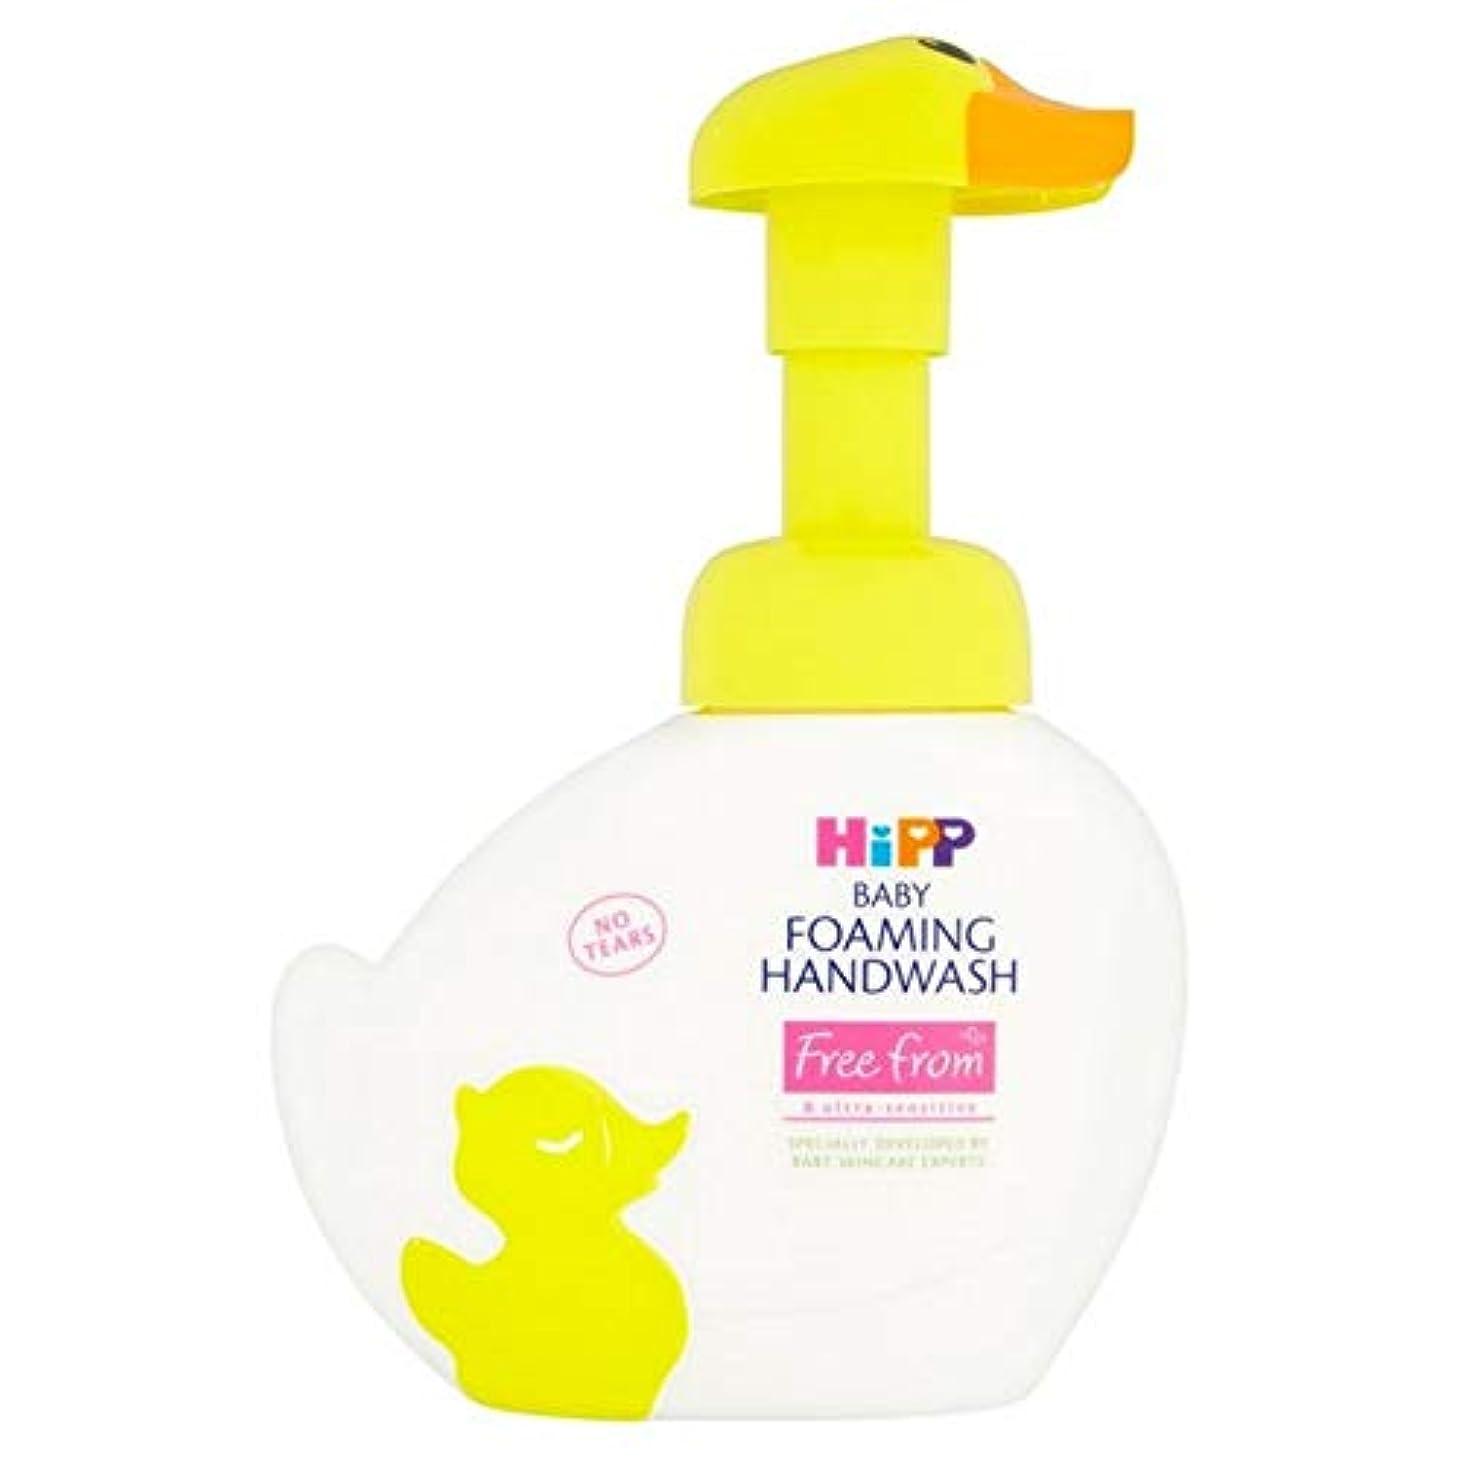 メディカル剣人道的[Hipp ] ヒップアヒル発泡手洗いの250ミリリットル - HiPP Duck Foaming Handwash 250ml [並行輸入品]